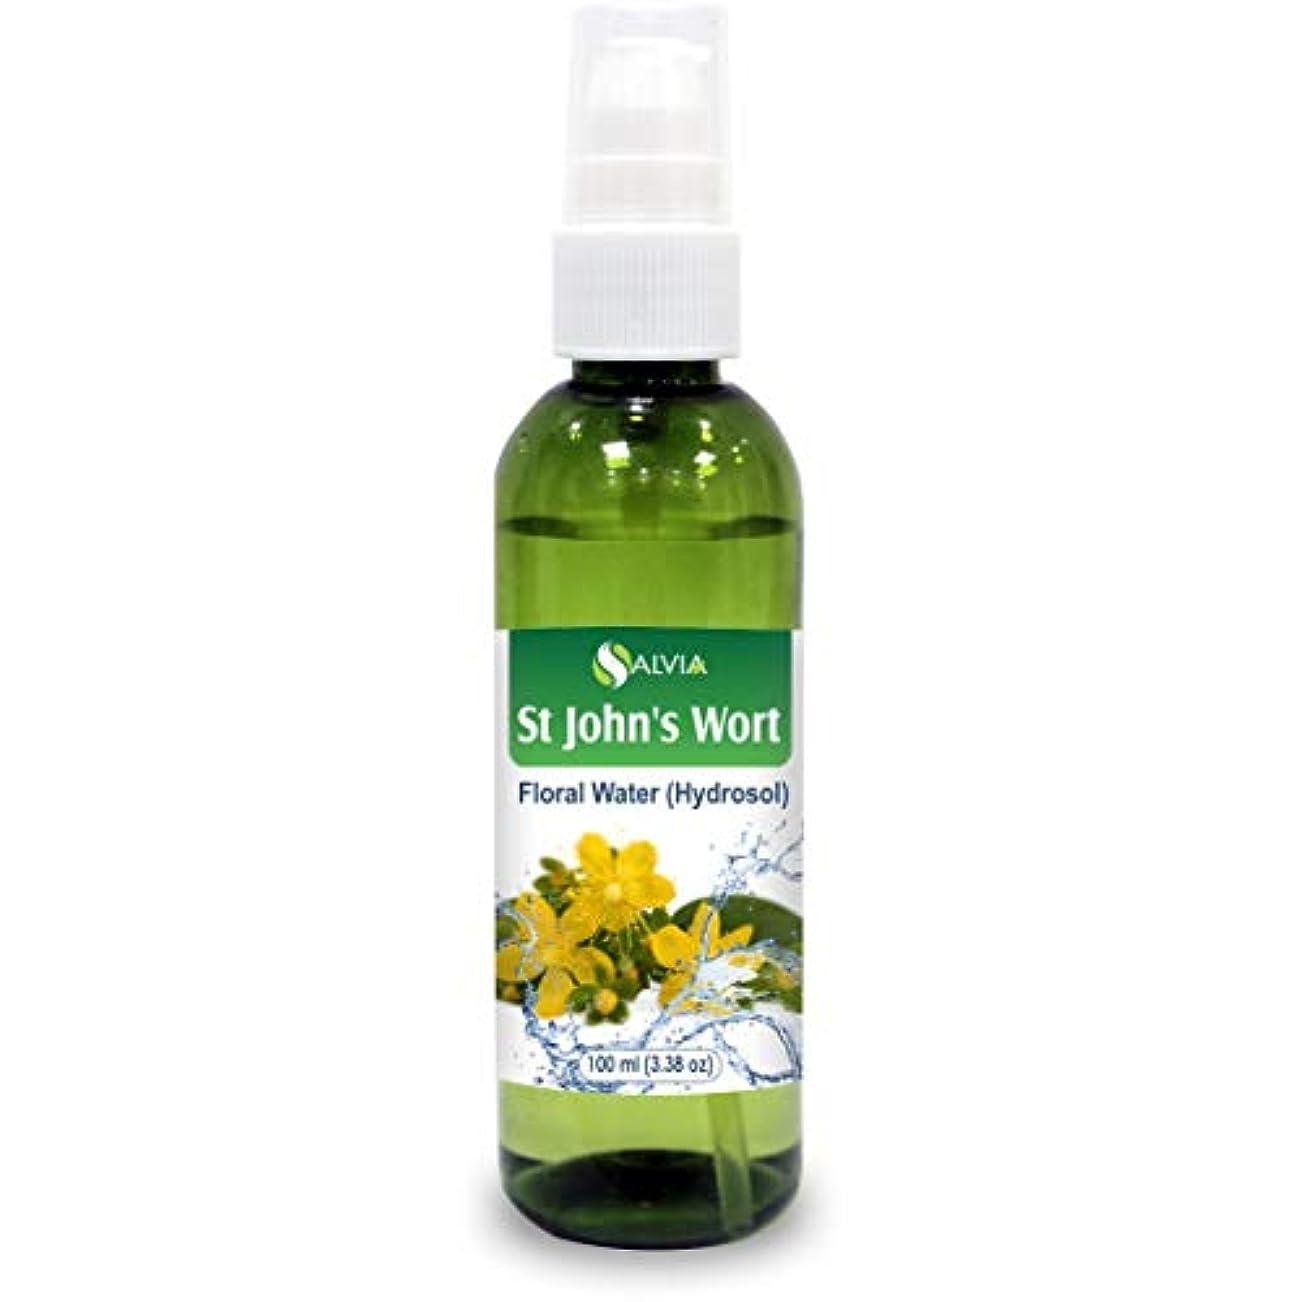 自動車絶縁するシュートSt John's Wort Floral Water 100ml (Hydrosol) 100% Pure And Natural